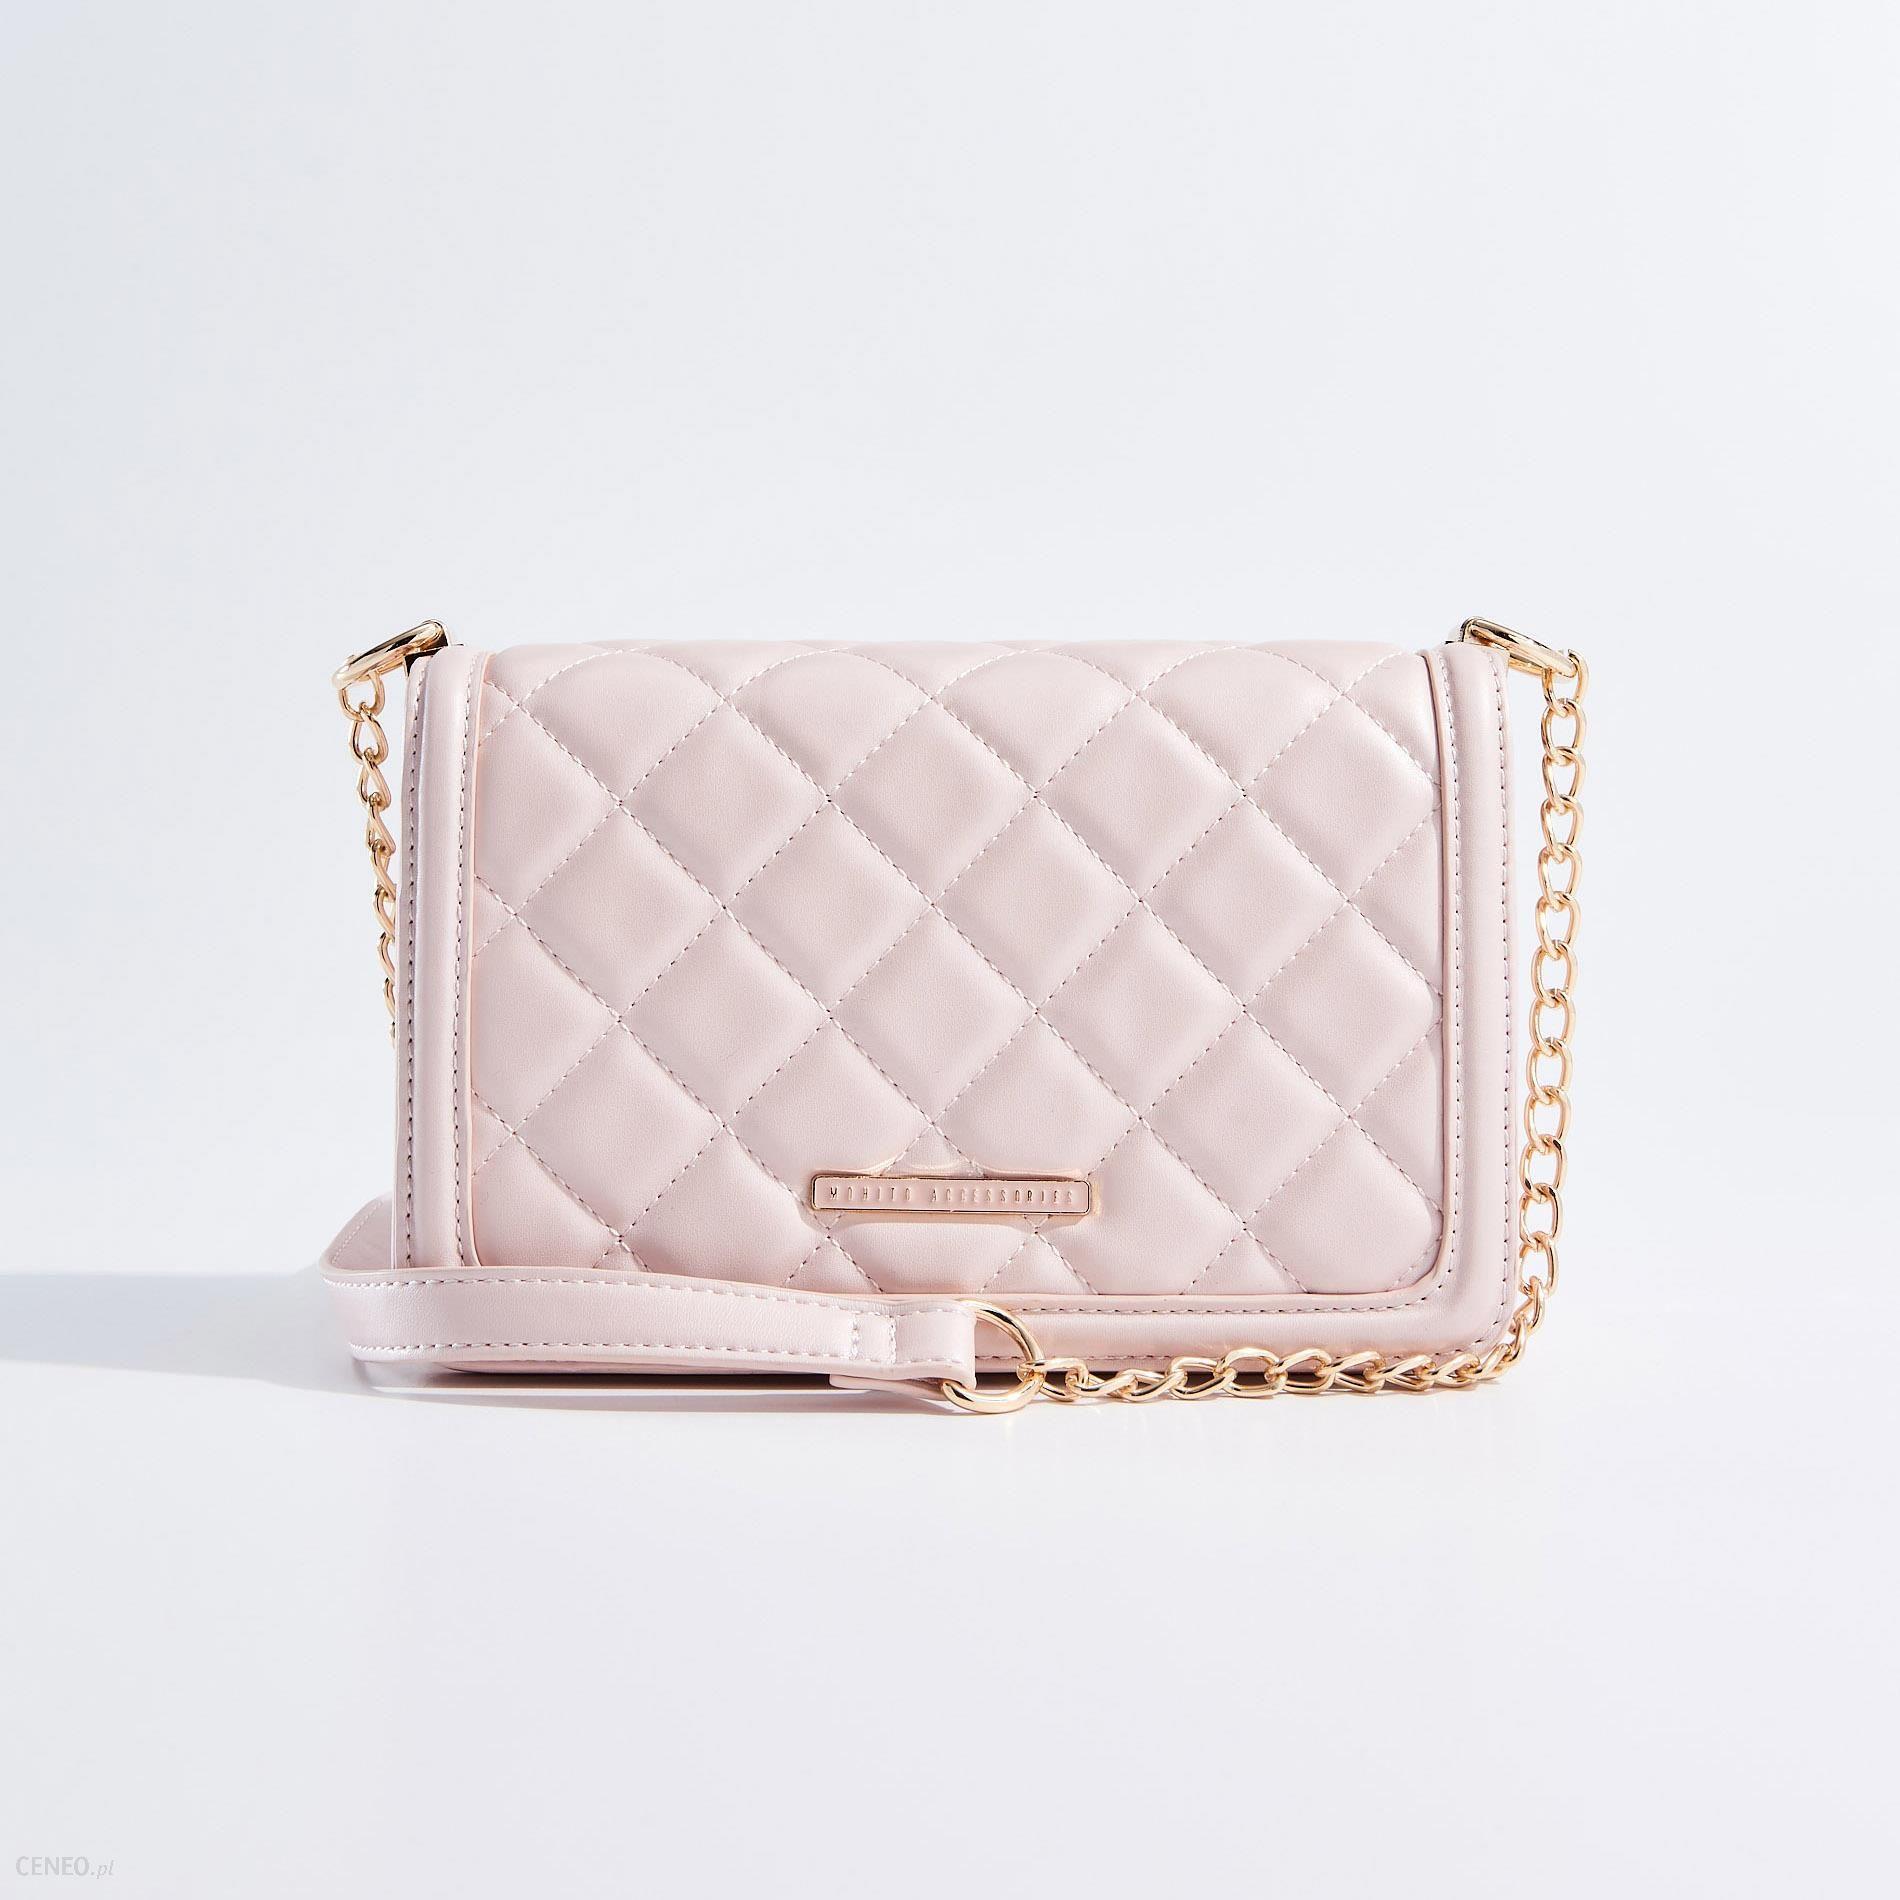 f9f6702156c69 Mohito - Mała torebka z pikowanej eko skóry - Różowy - Ceny i opinie -  Ceneo.pl